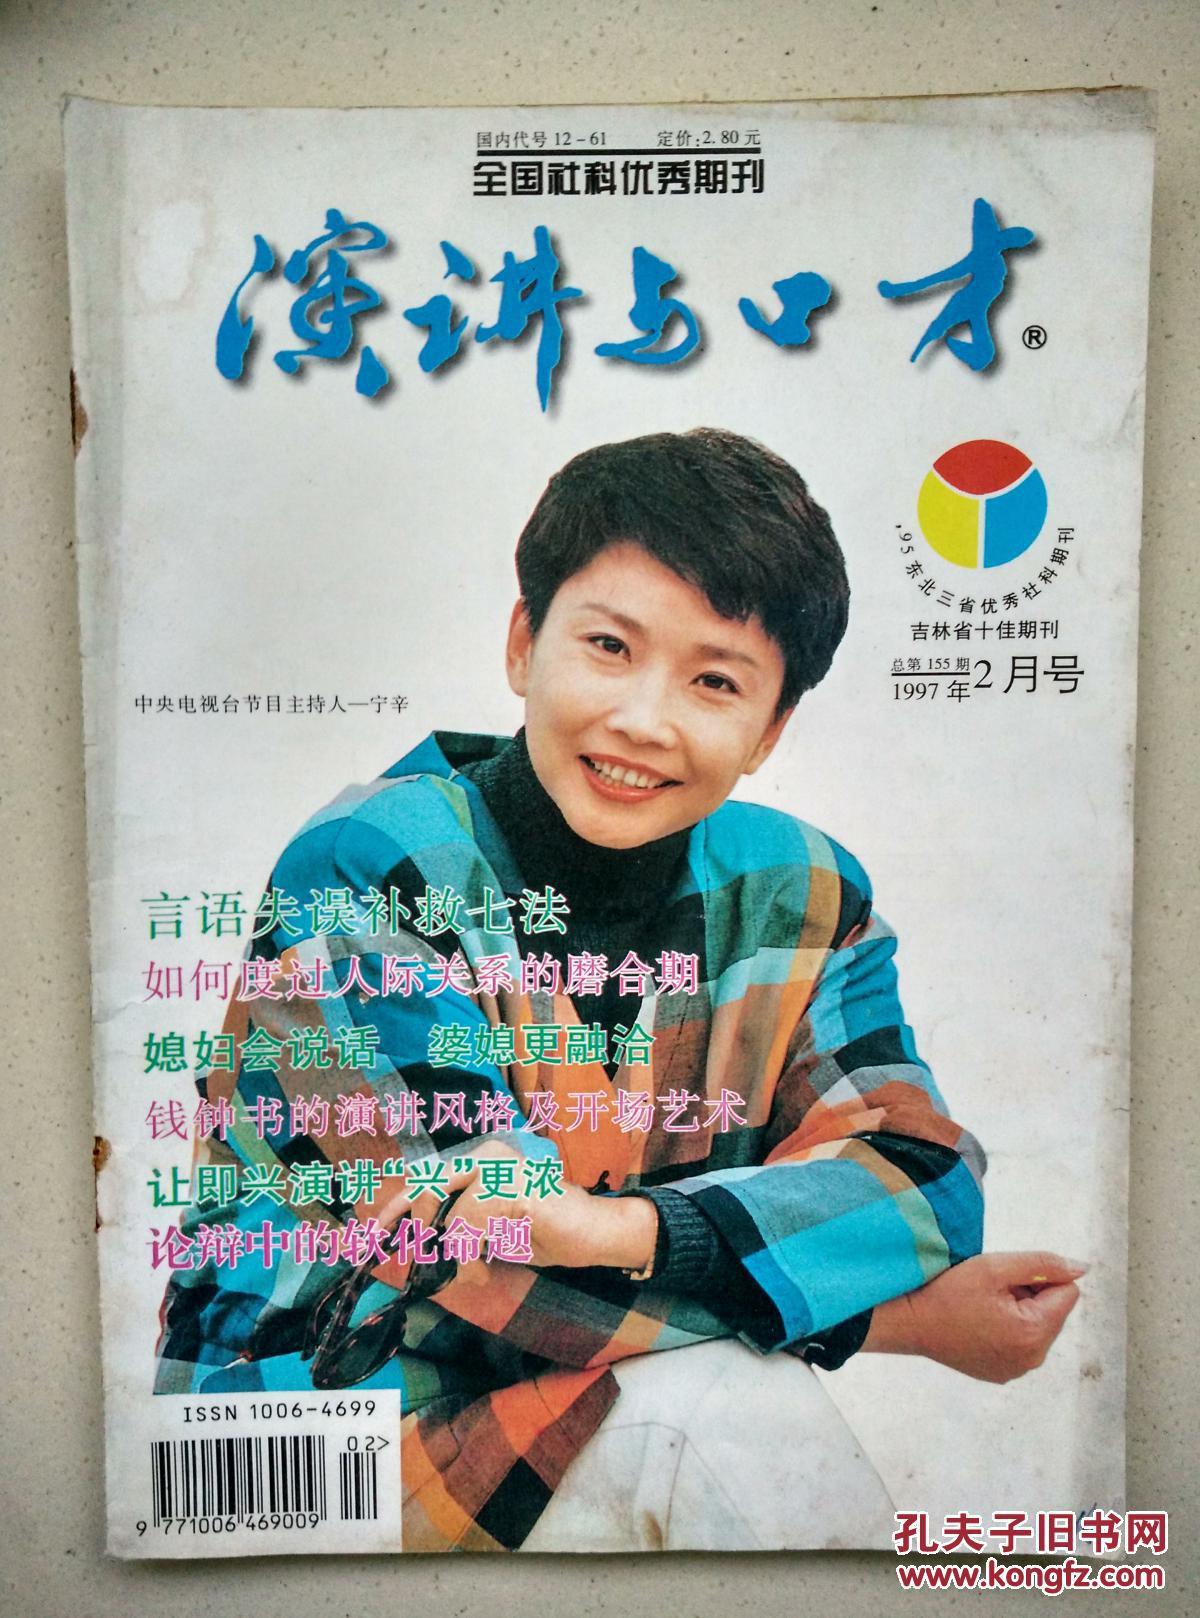 演講與口才(1997-2)封面中央電視臺節目主持人寧辛圖片